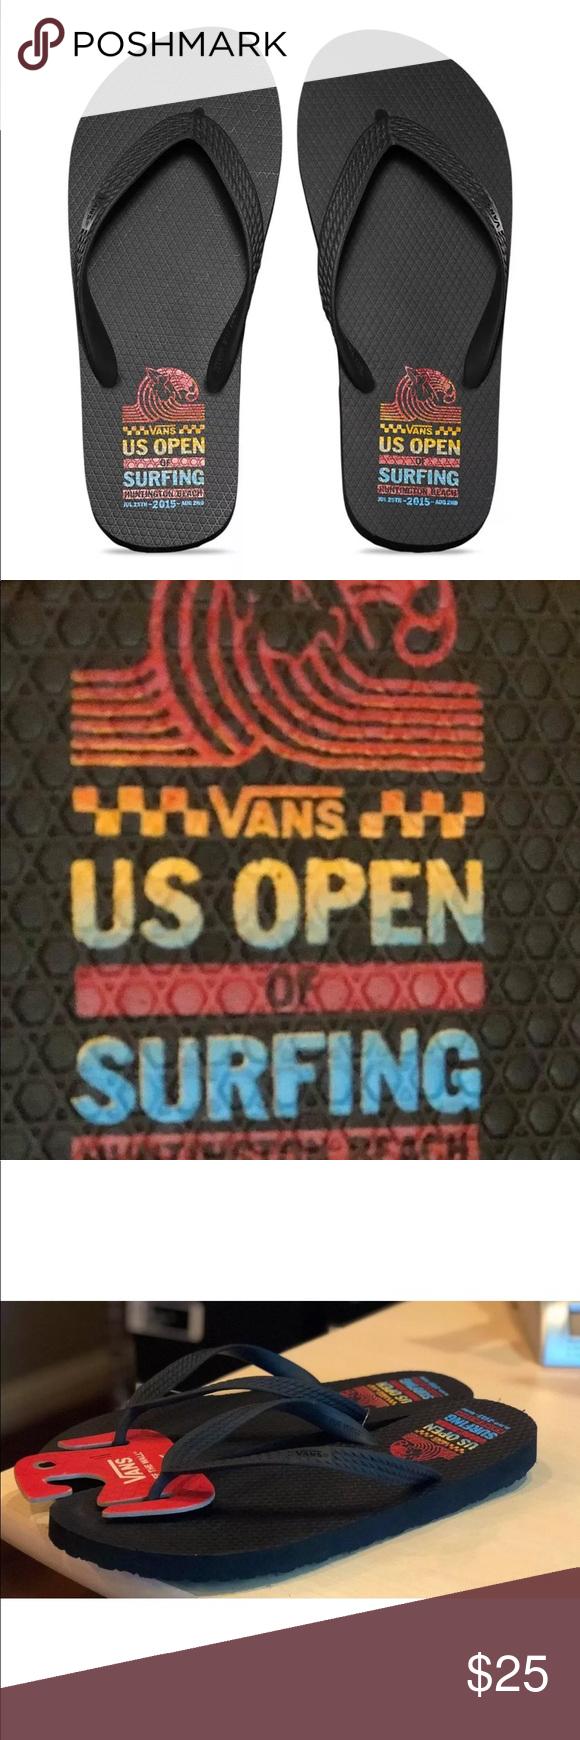 vans beach/blac